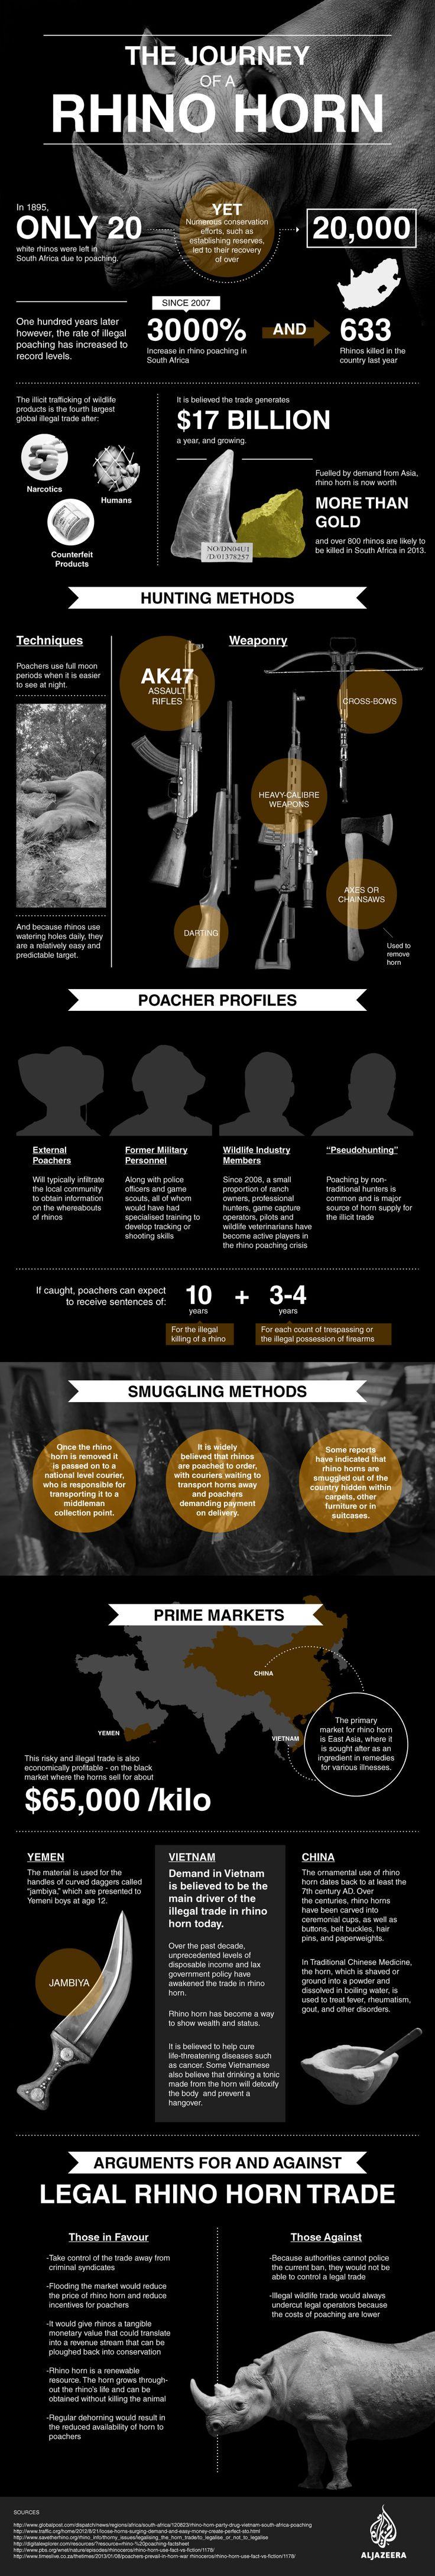 Rhino horn info-graphic